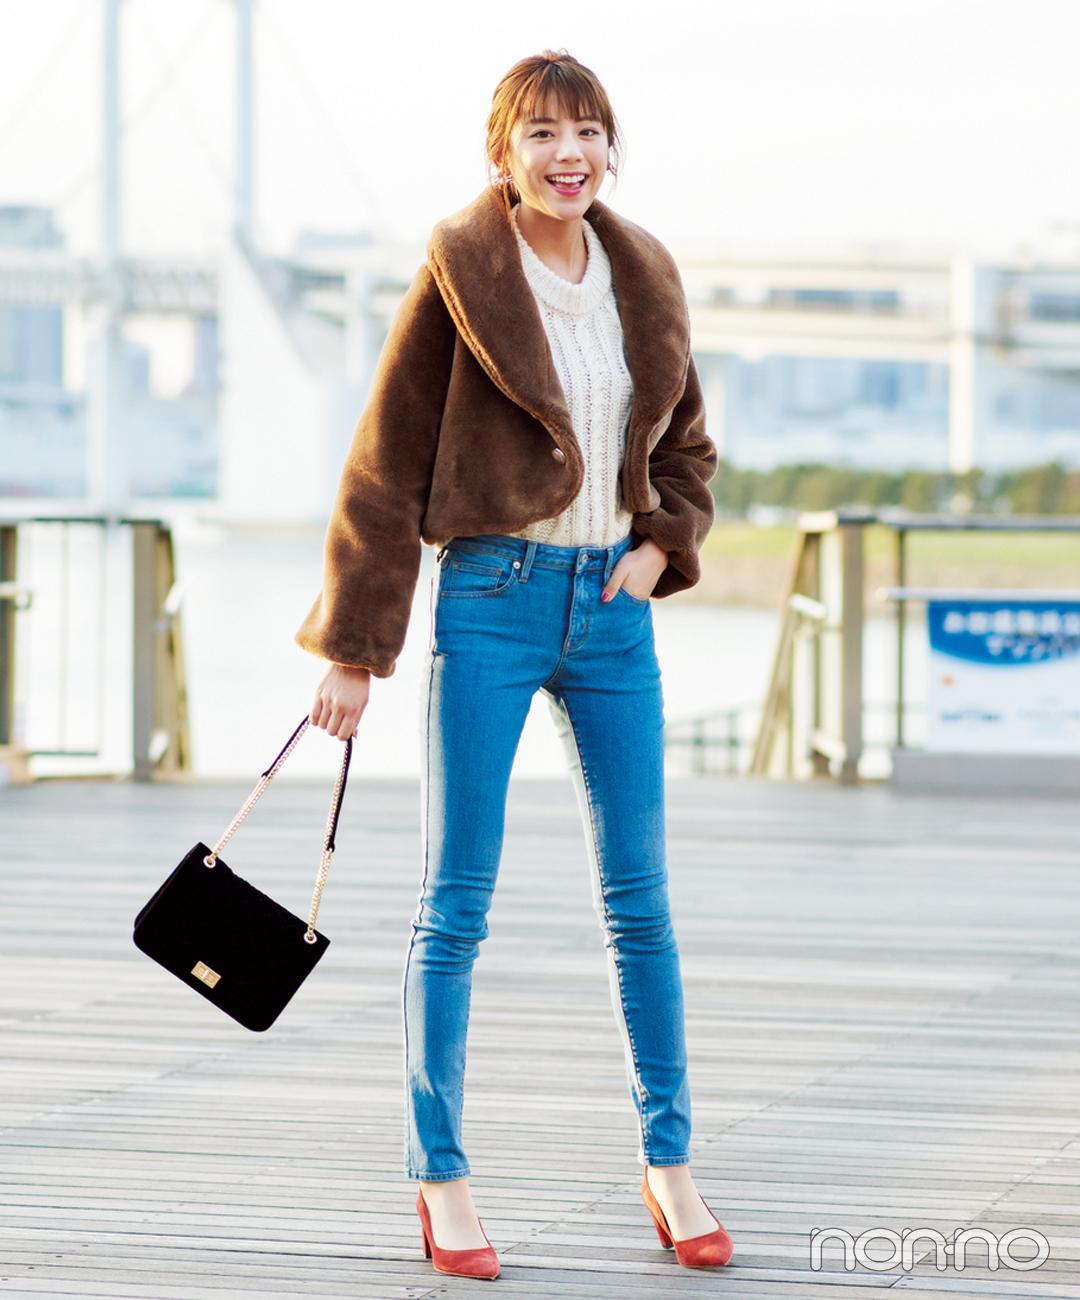 【ブラウンコーデ】人気のファーコートはショート丈でアクティブな雰囲気に!